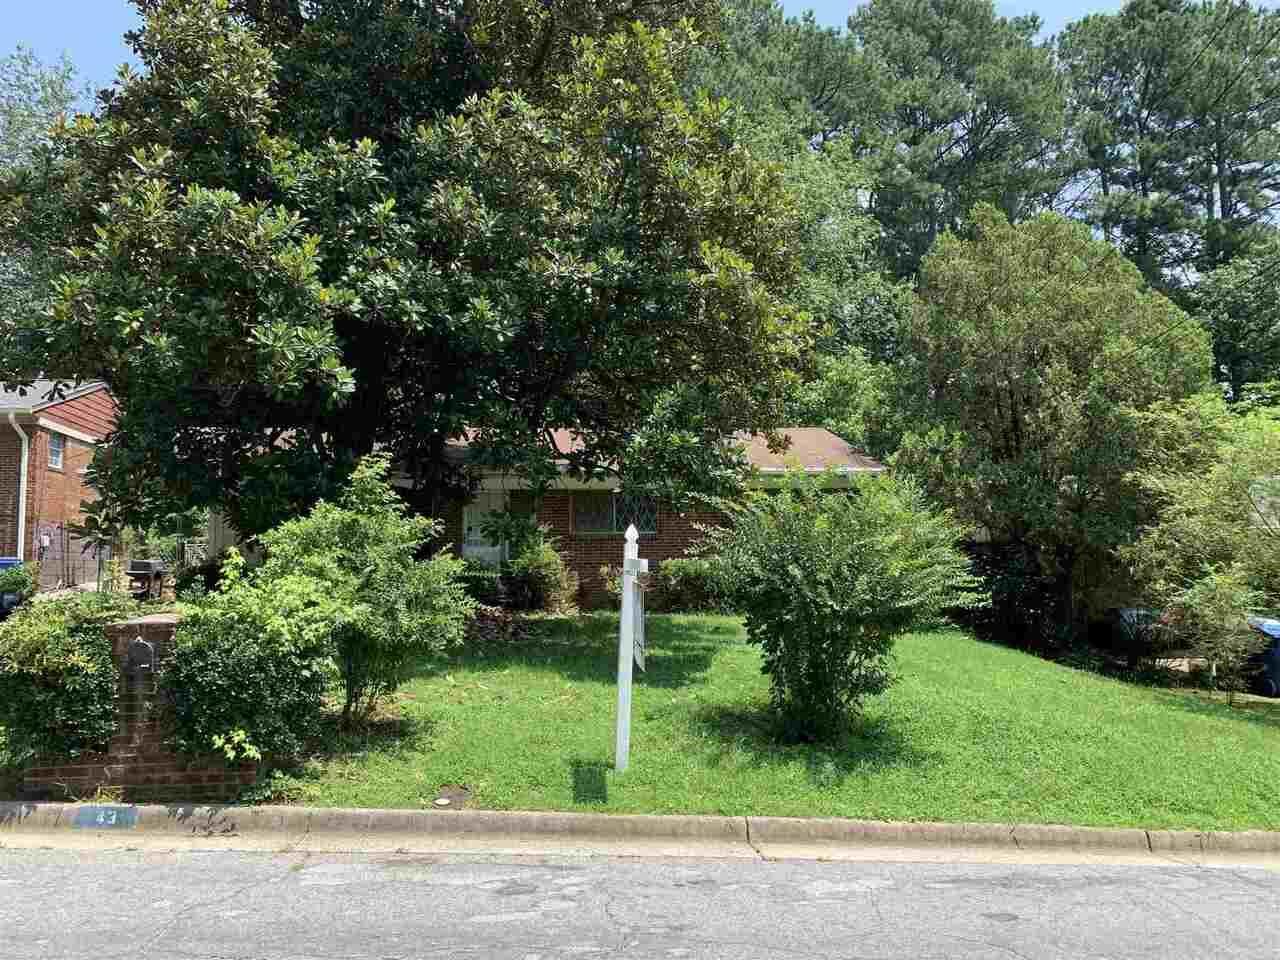 43 NW Arlington Drive, Atlanta, GA 30311 - #: 9018408